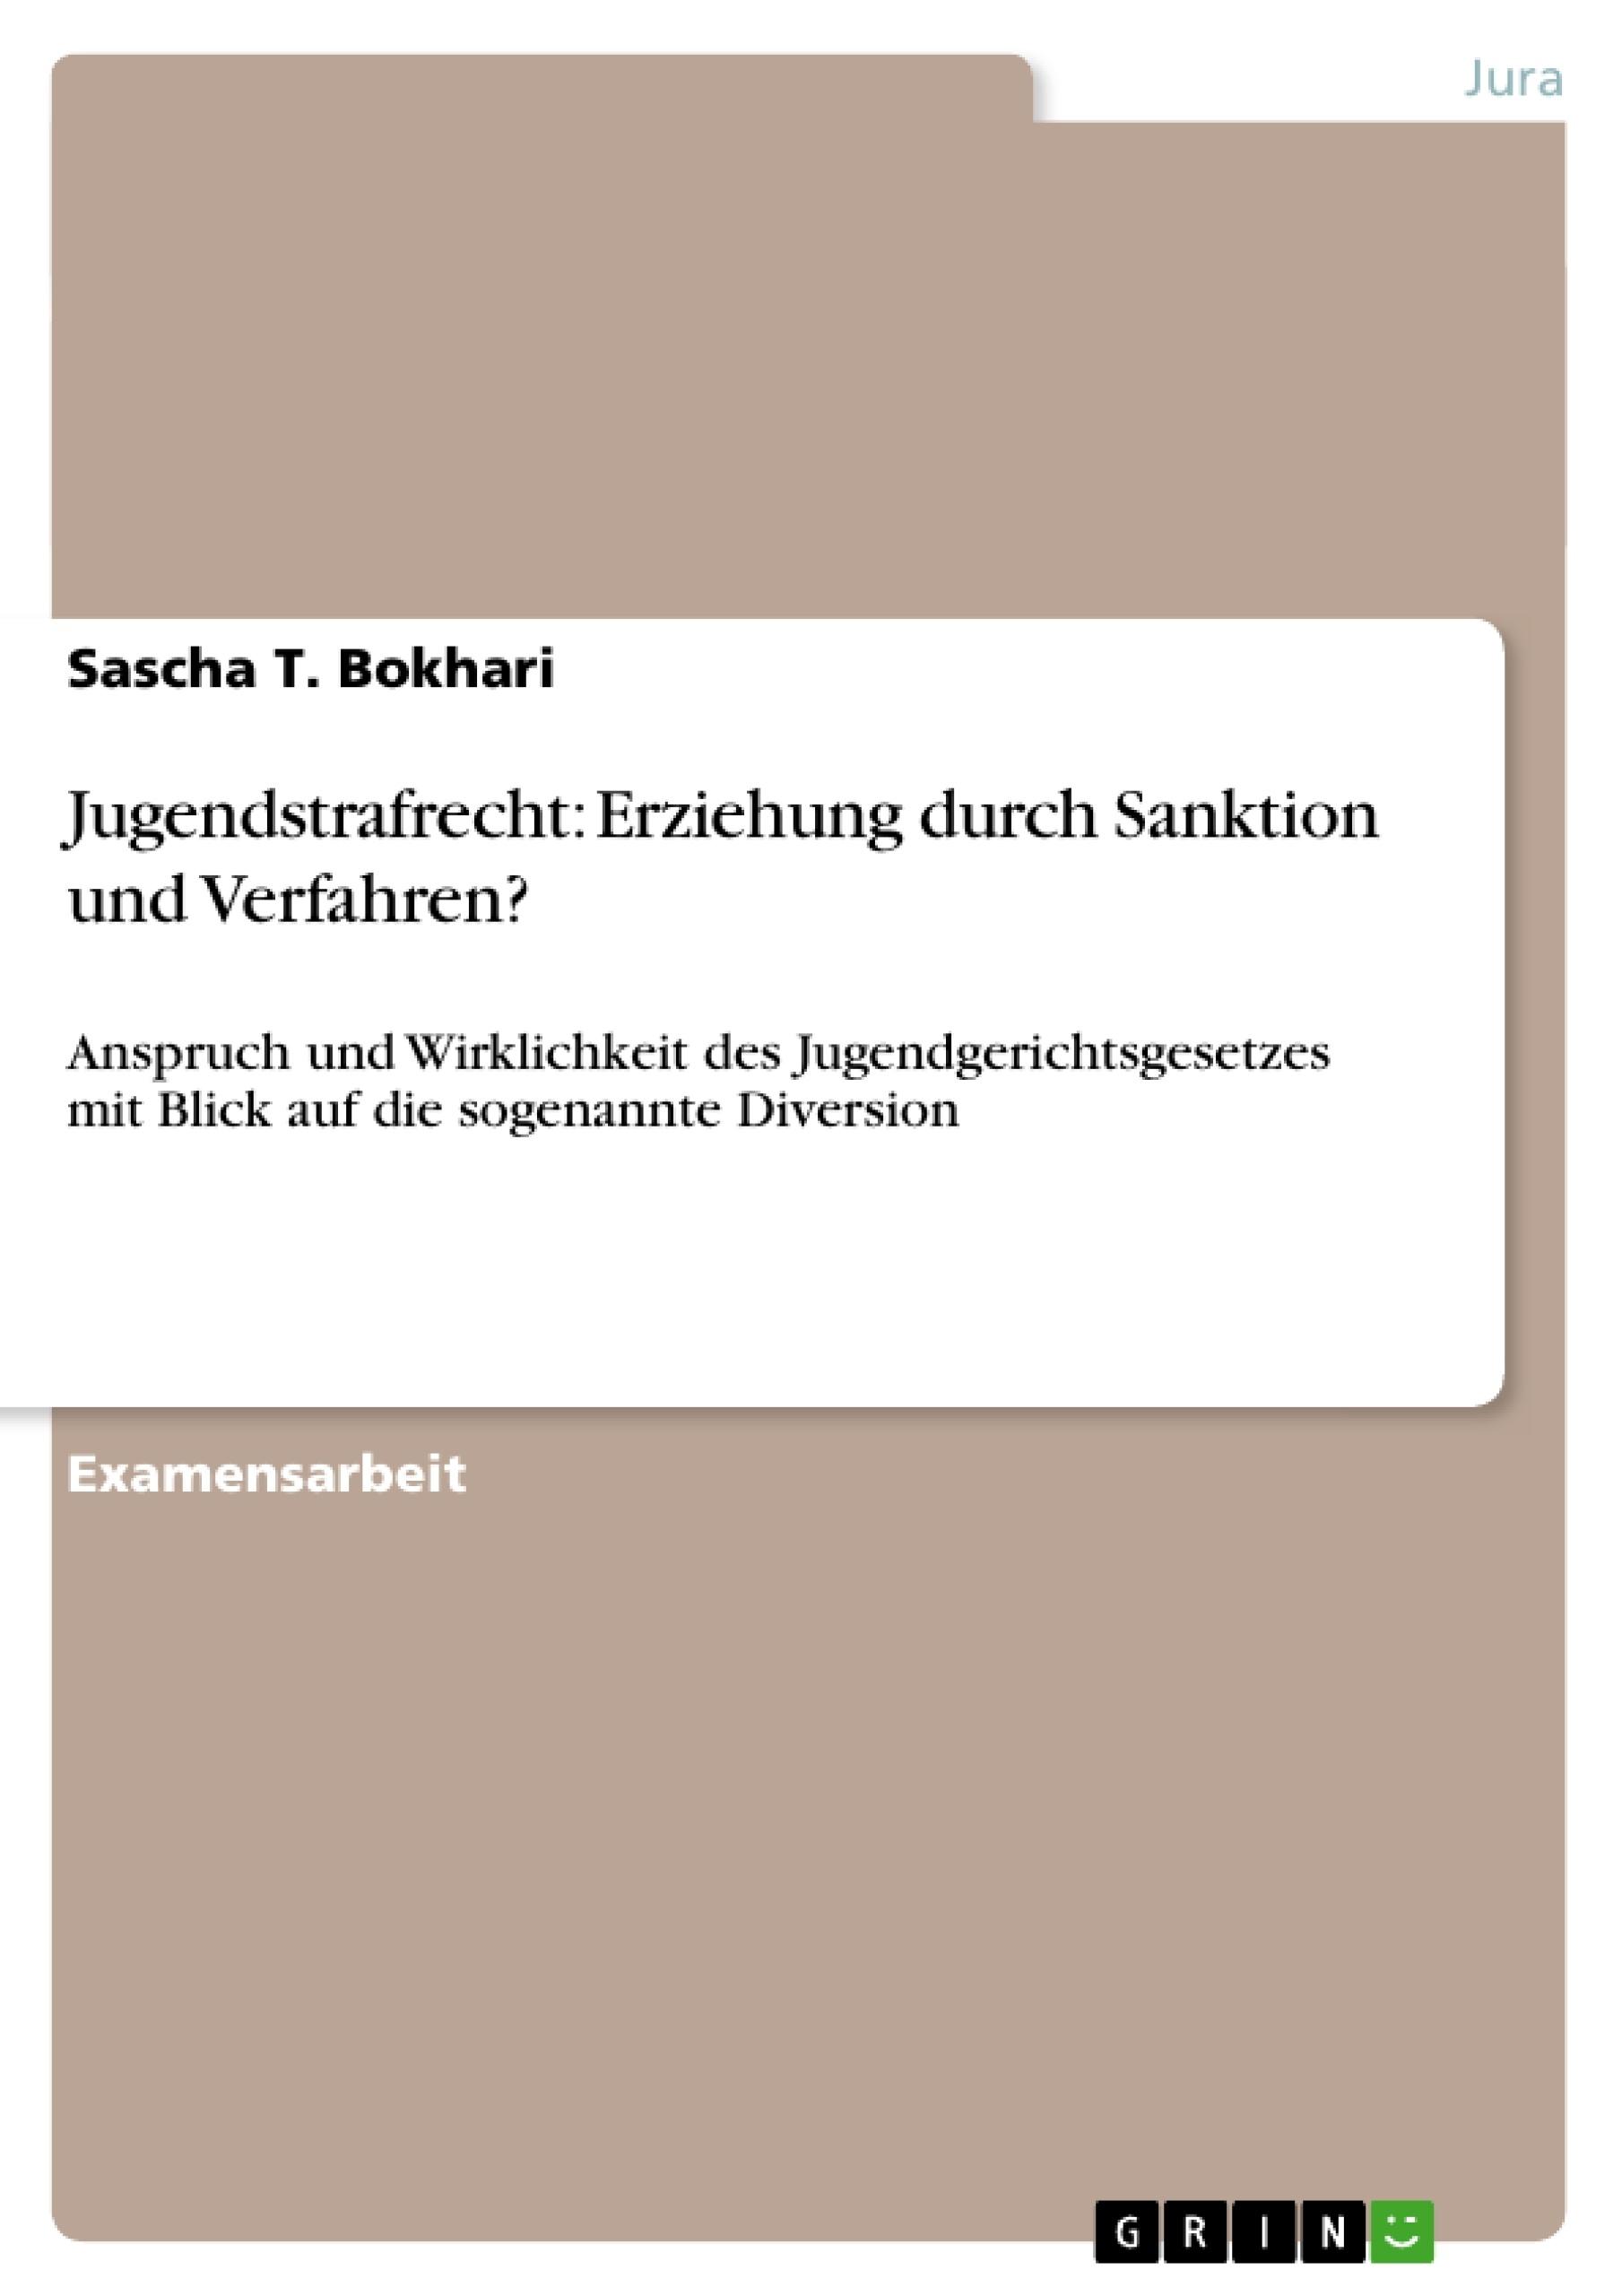 Titel: Jugendstrafrecht: Erziehung durch Sanktion und Verfahren?